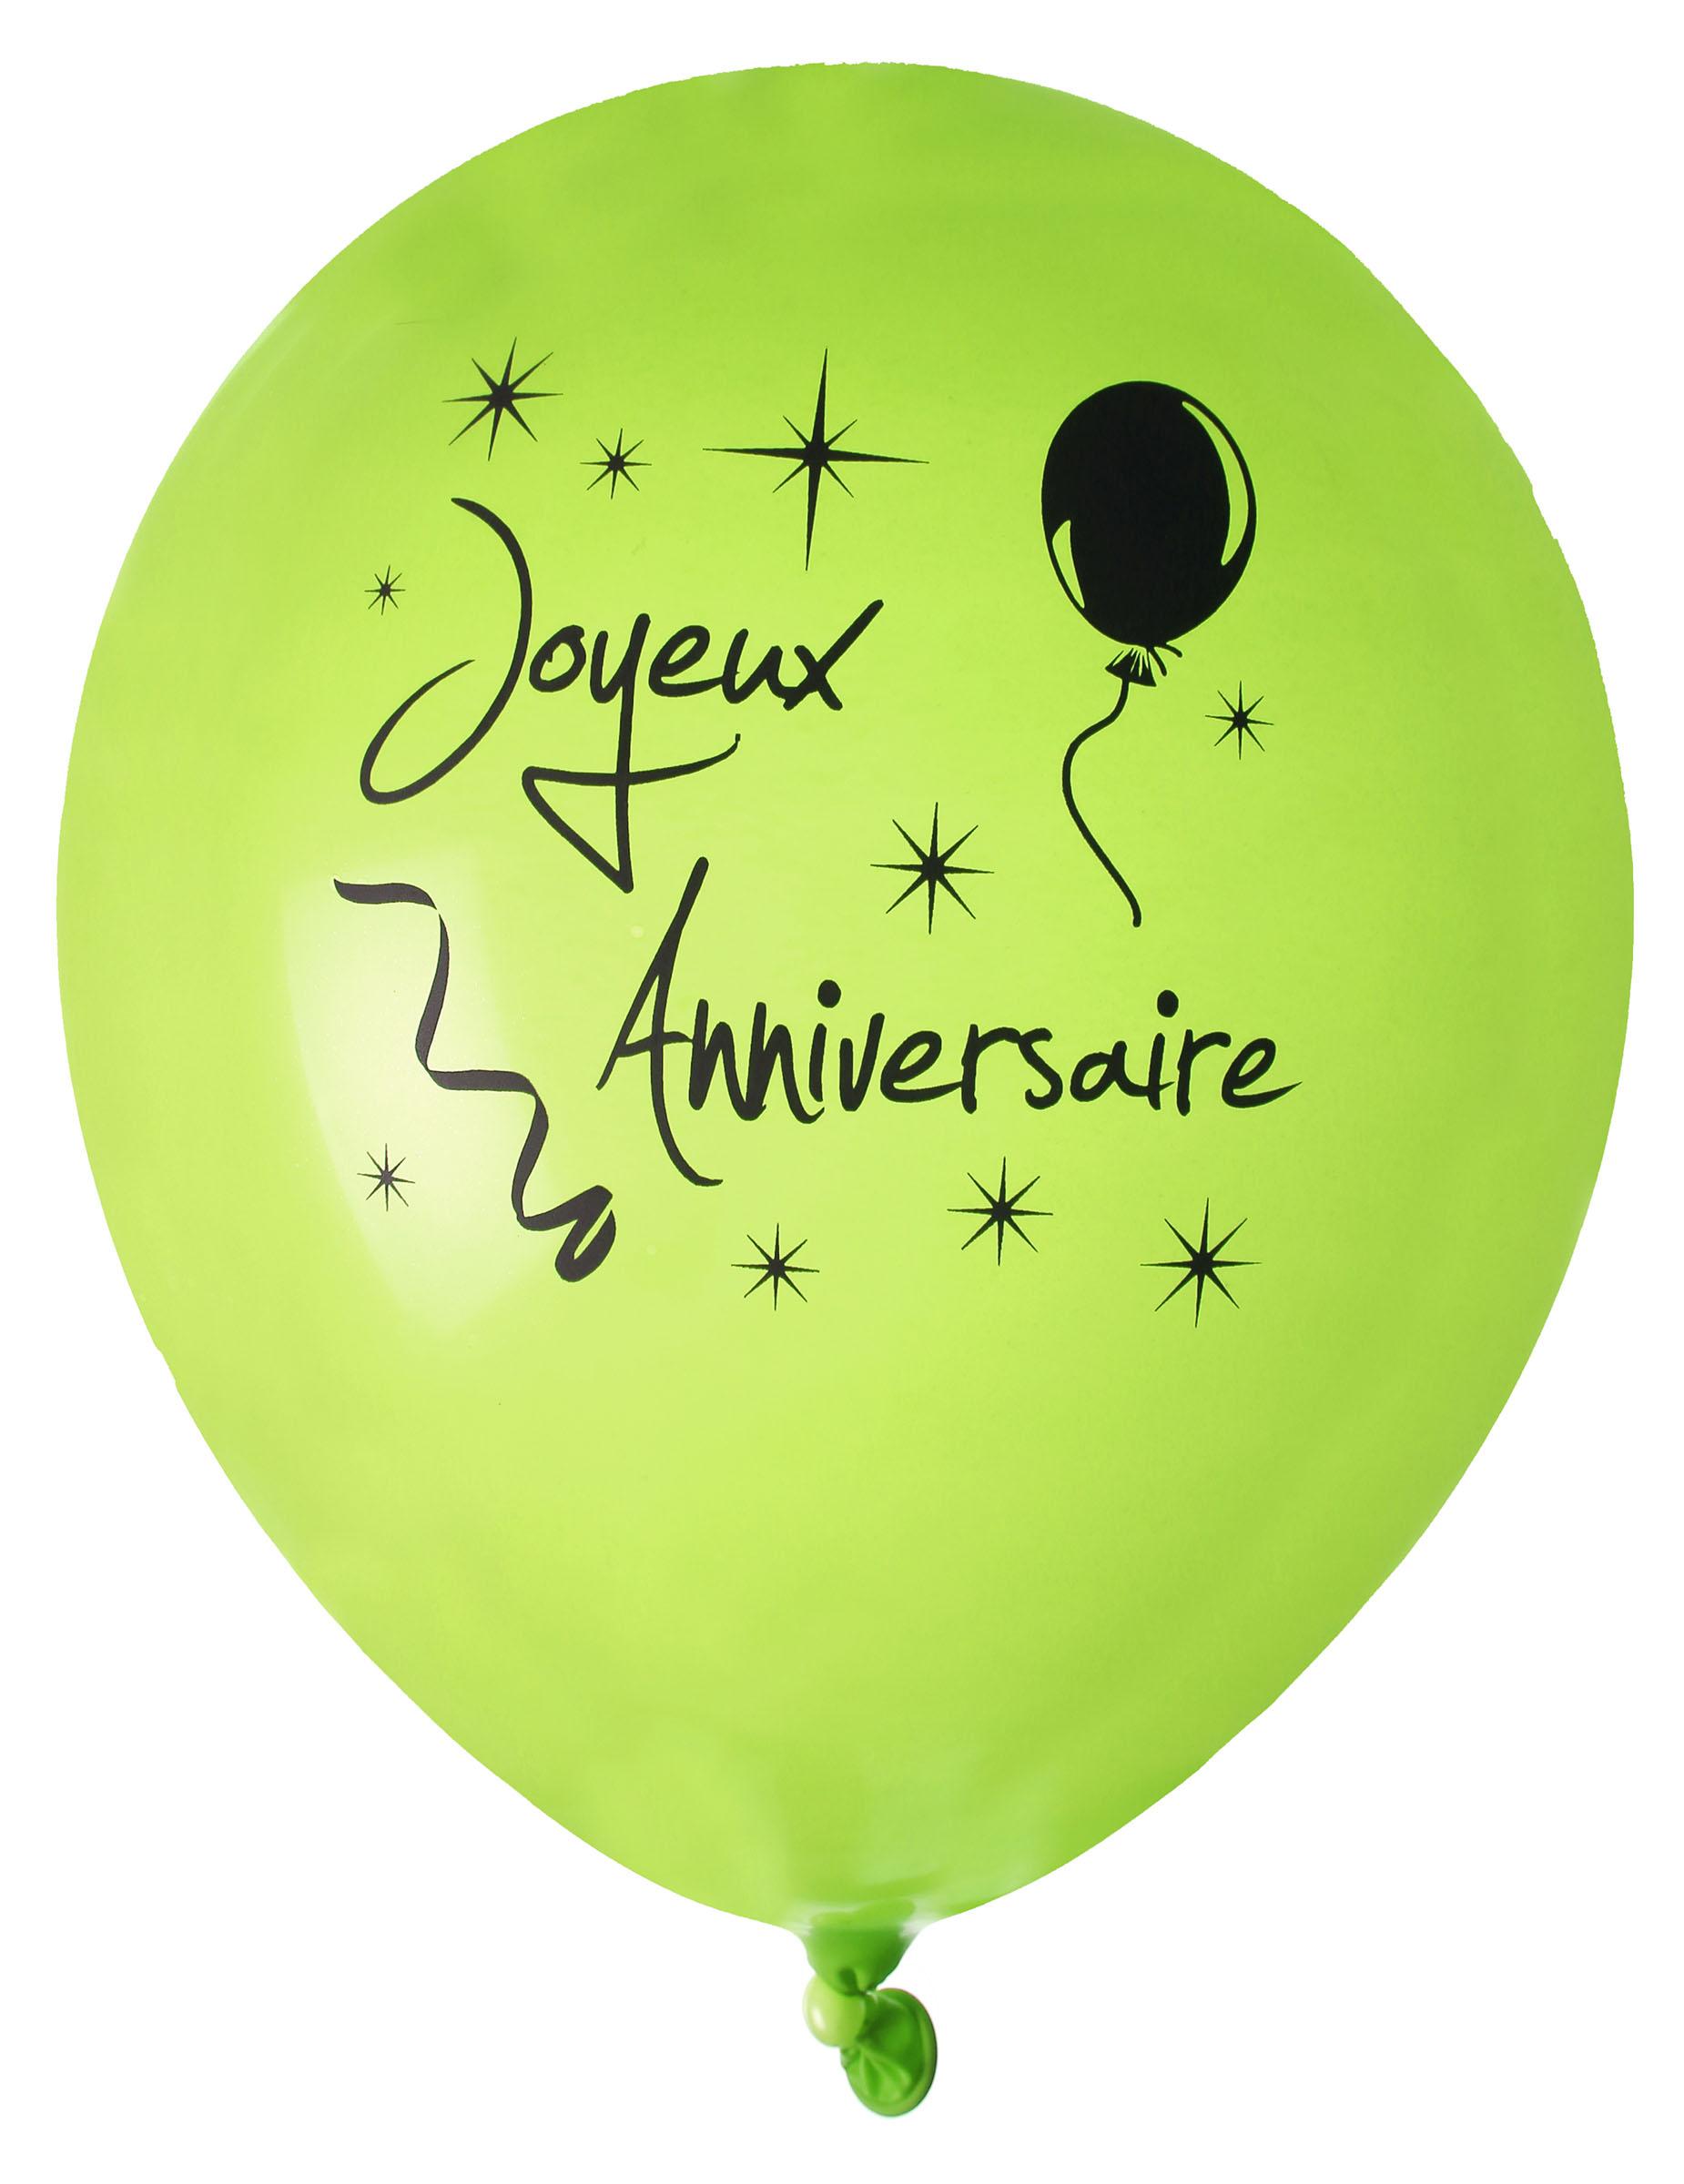 8 Ballons Verts Joyeux Anniversaire Décoration Anniversaire Et Fêtes à Thème Sur Vegaoo Party